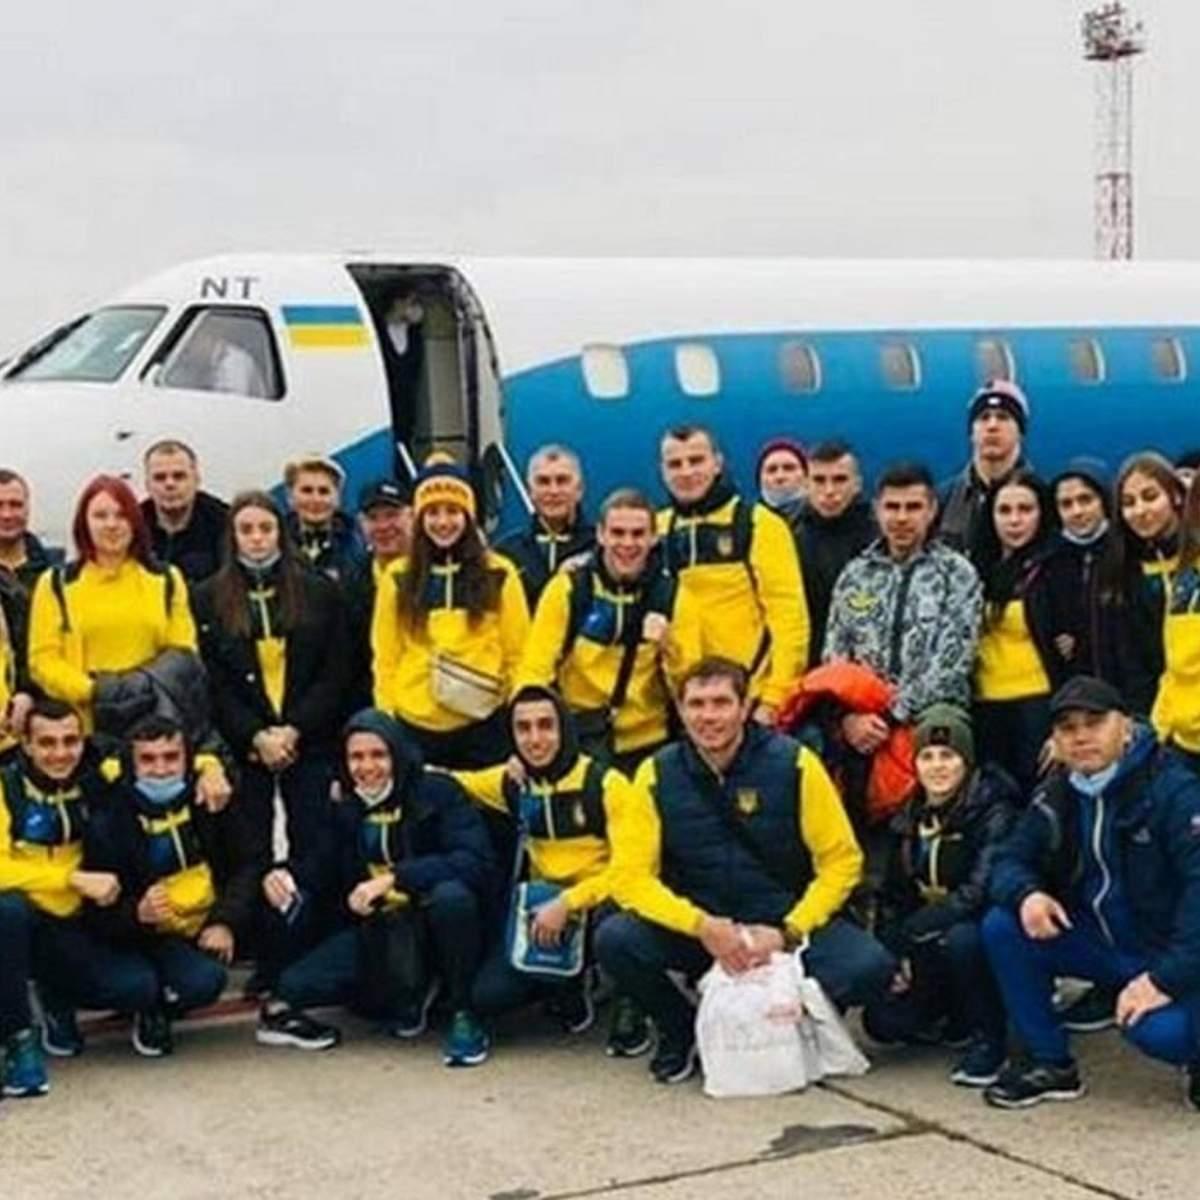 Боксери розірвали чемпіонат Європи в Чорногорії: українці завоювали 15  медалей - новини боксу - Спорт 24